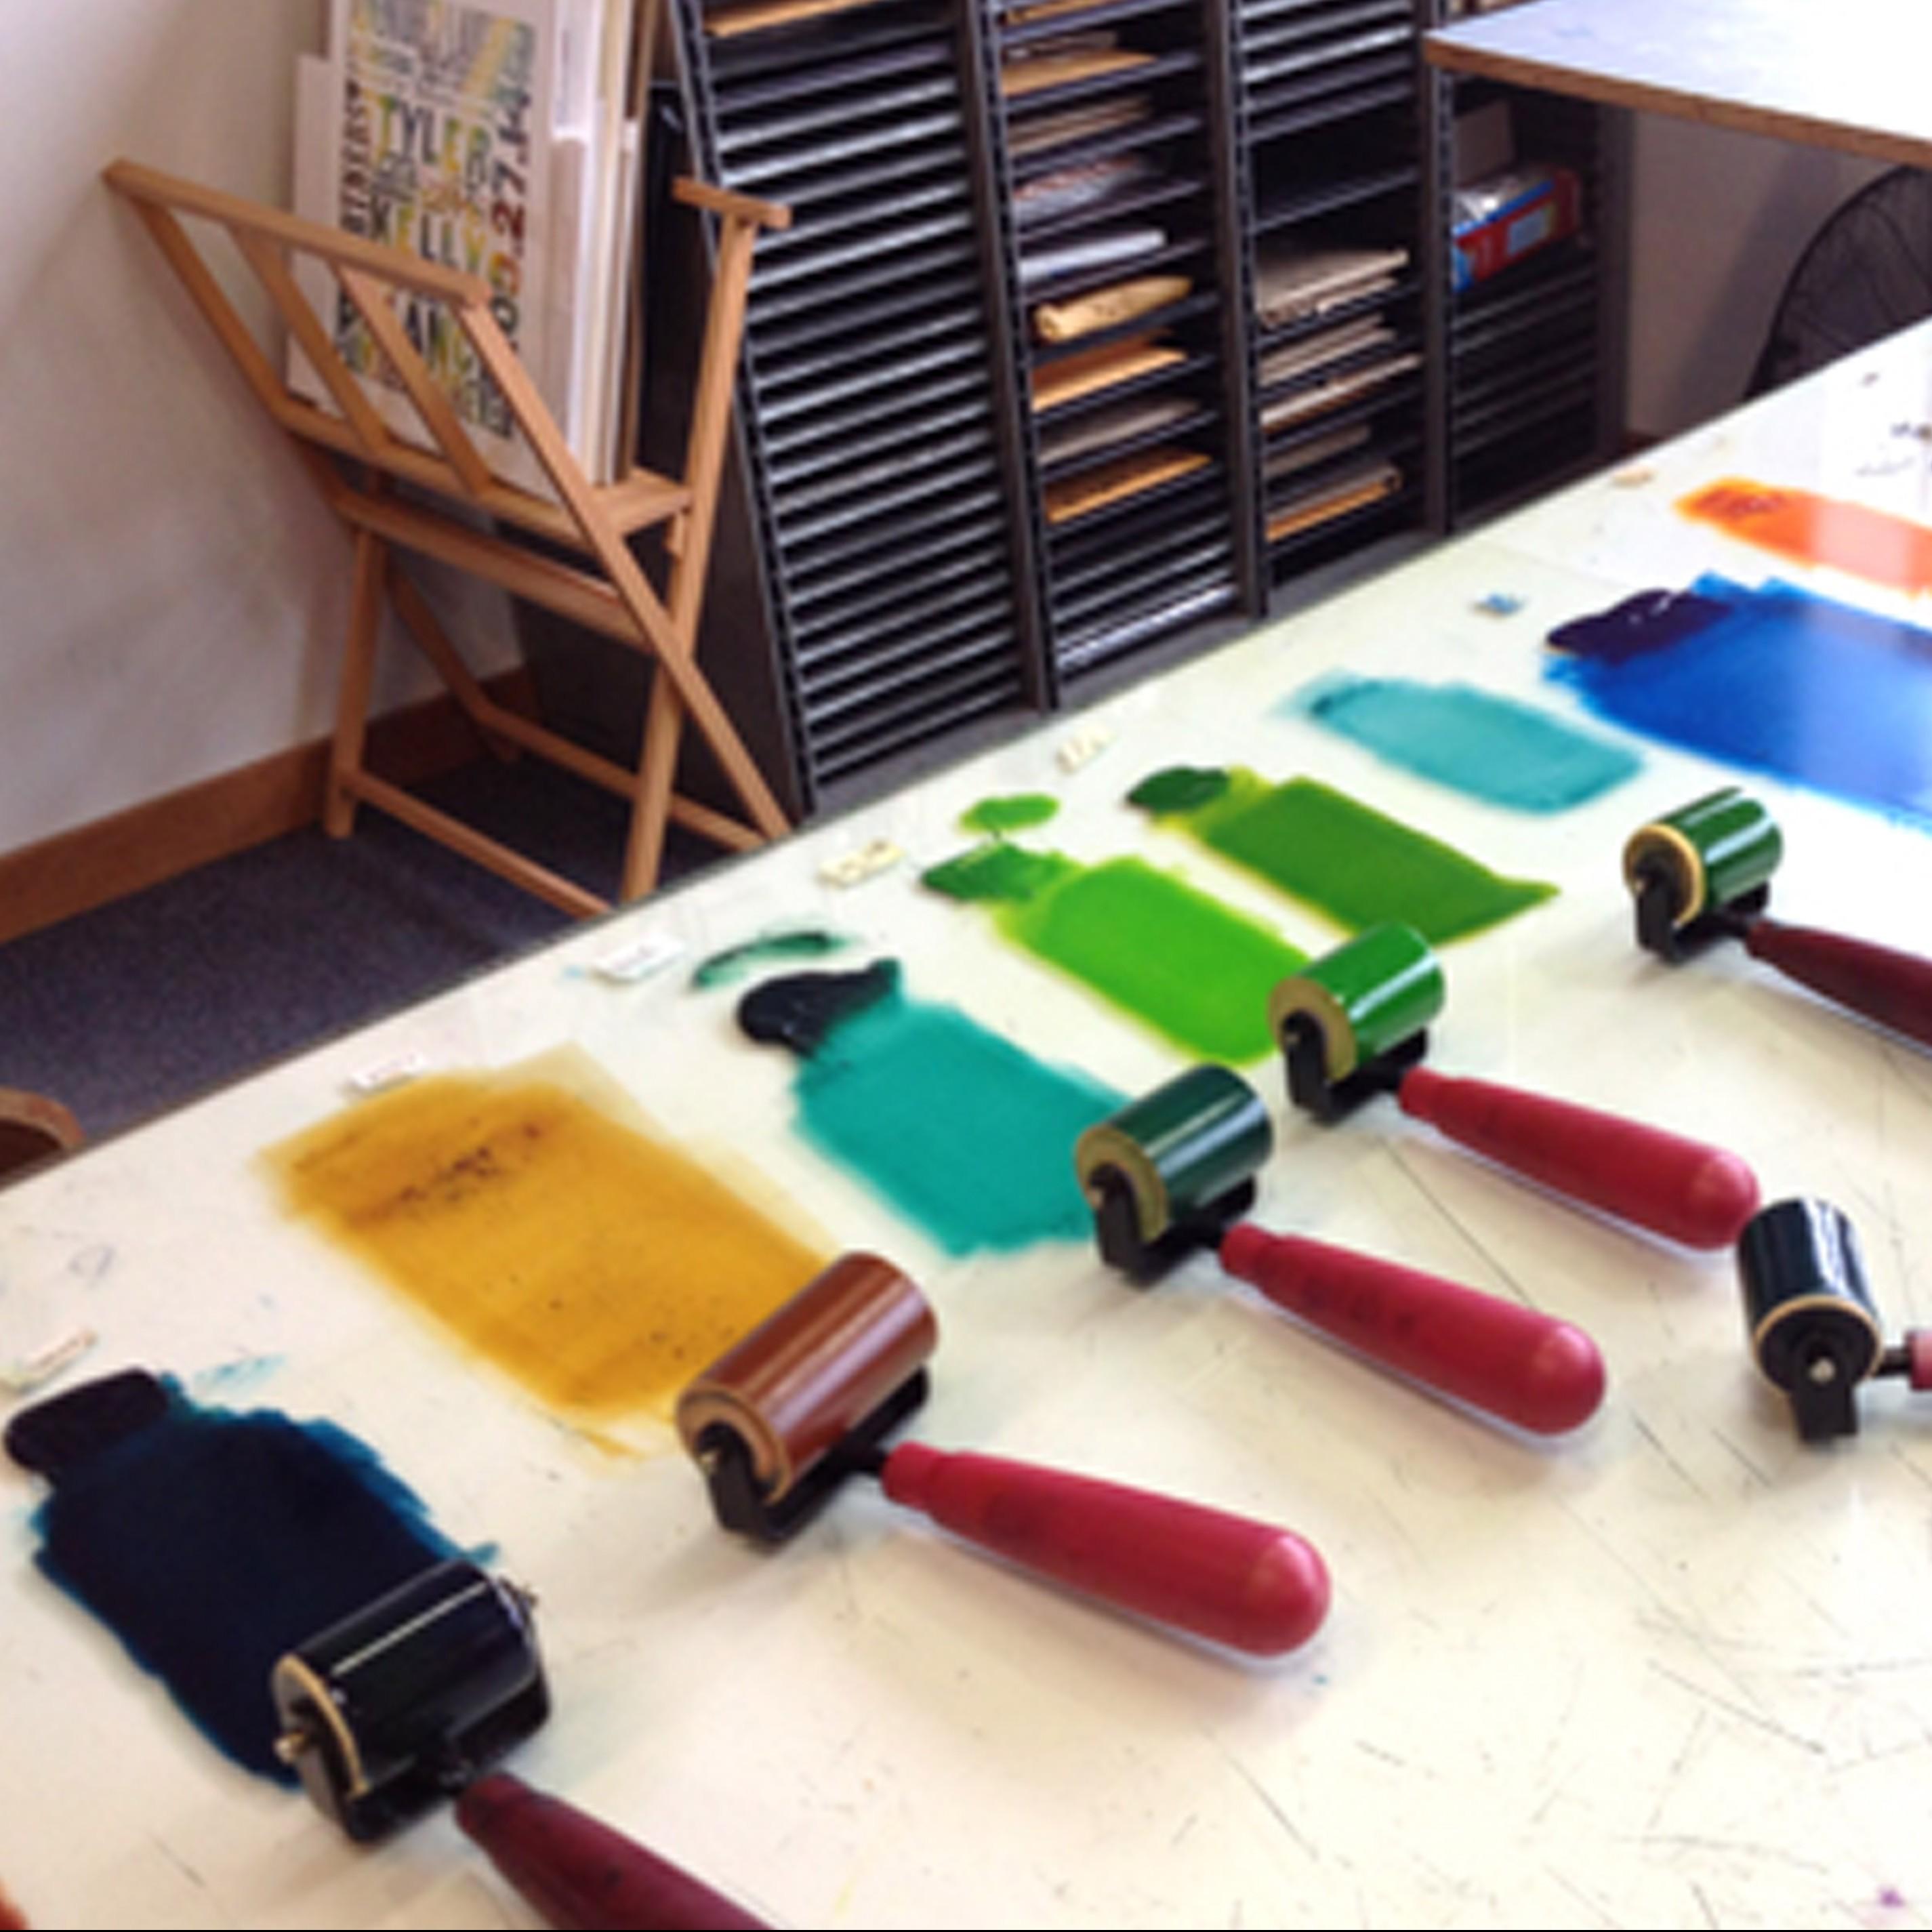 Ken Speckle Letterpress paint rollers